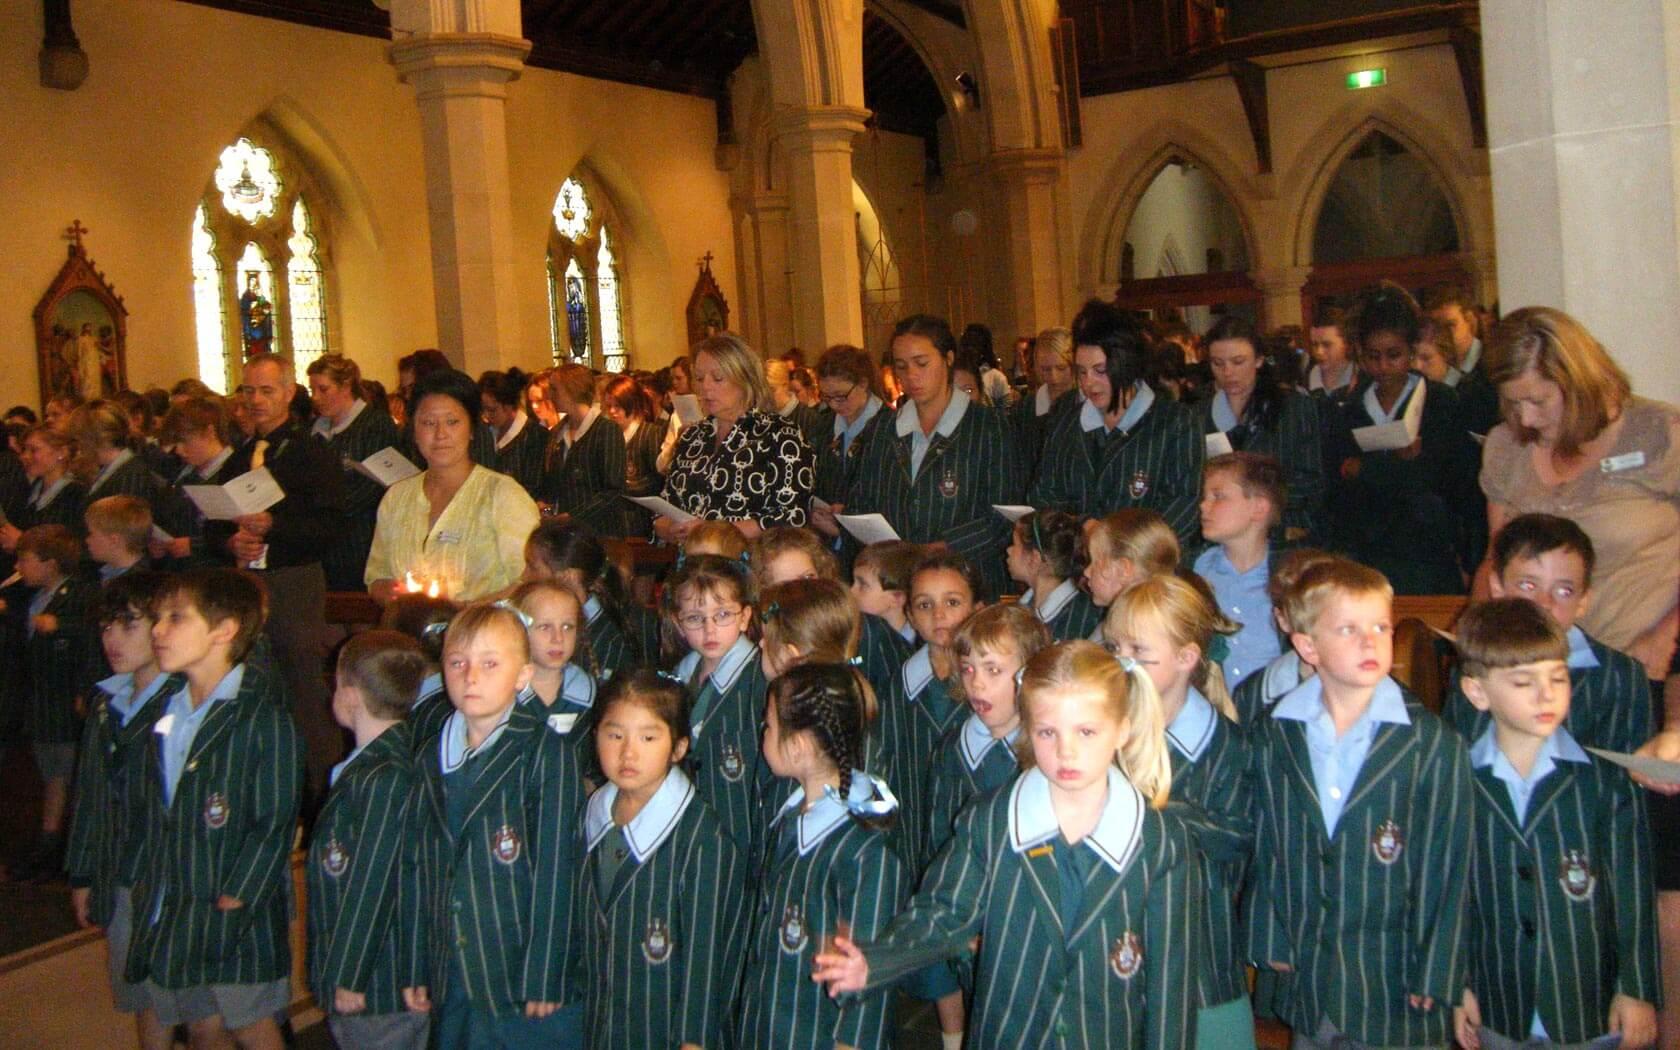 Schüler bei einer Messe am St Mary's College